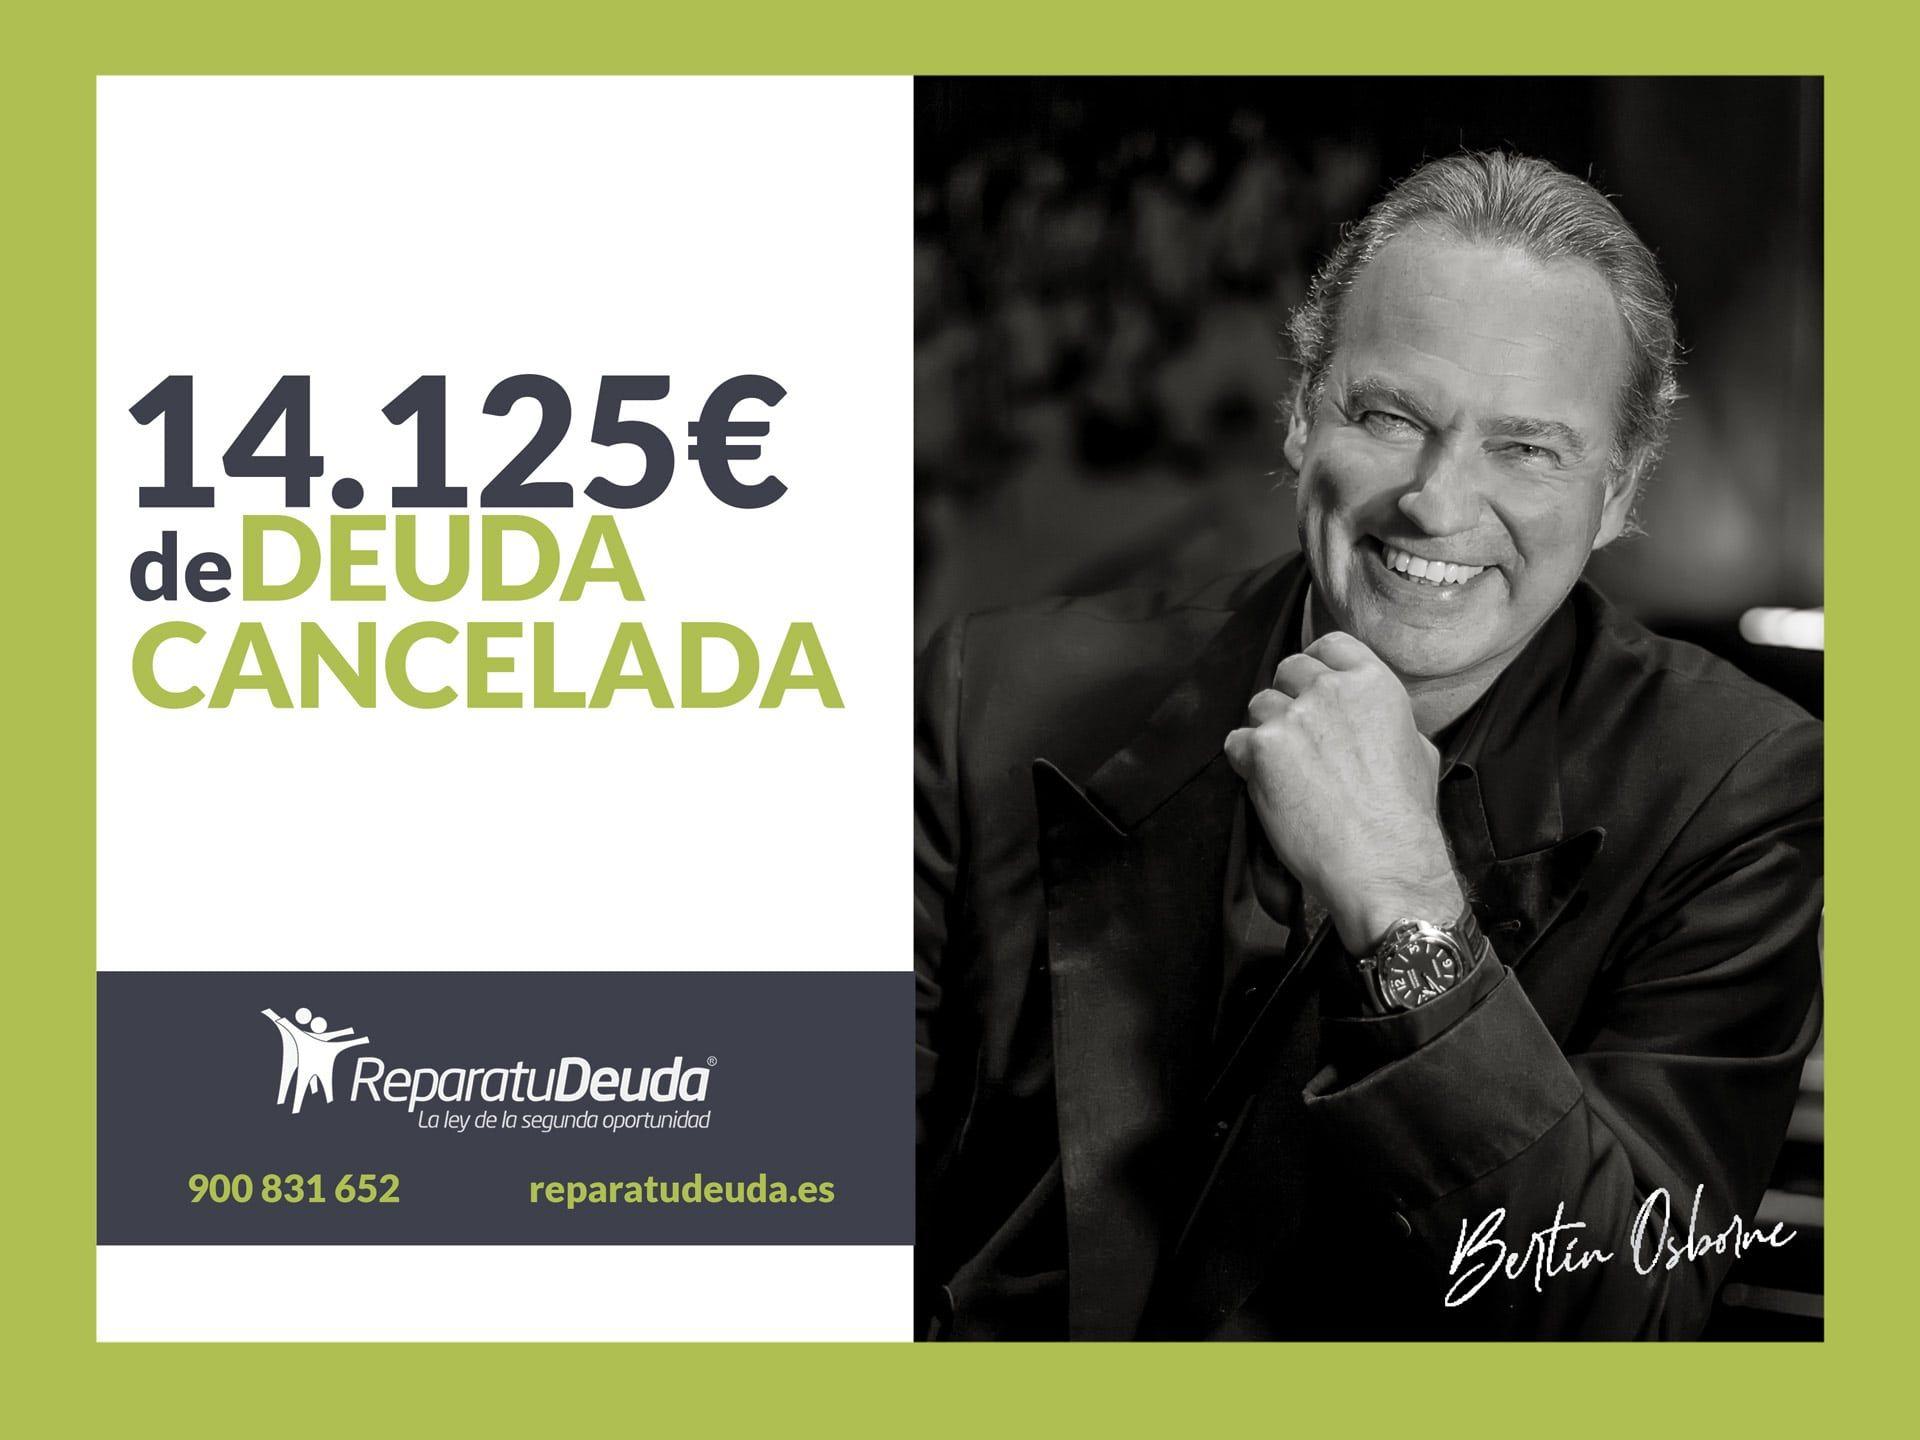 Repara tu Deuda Abogados cancela 14.125? en Tenerife (Canarias) con la Ley de Segunda Oportunidad